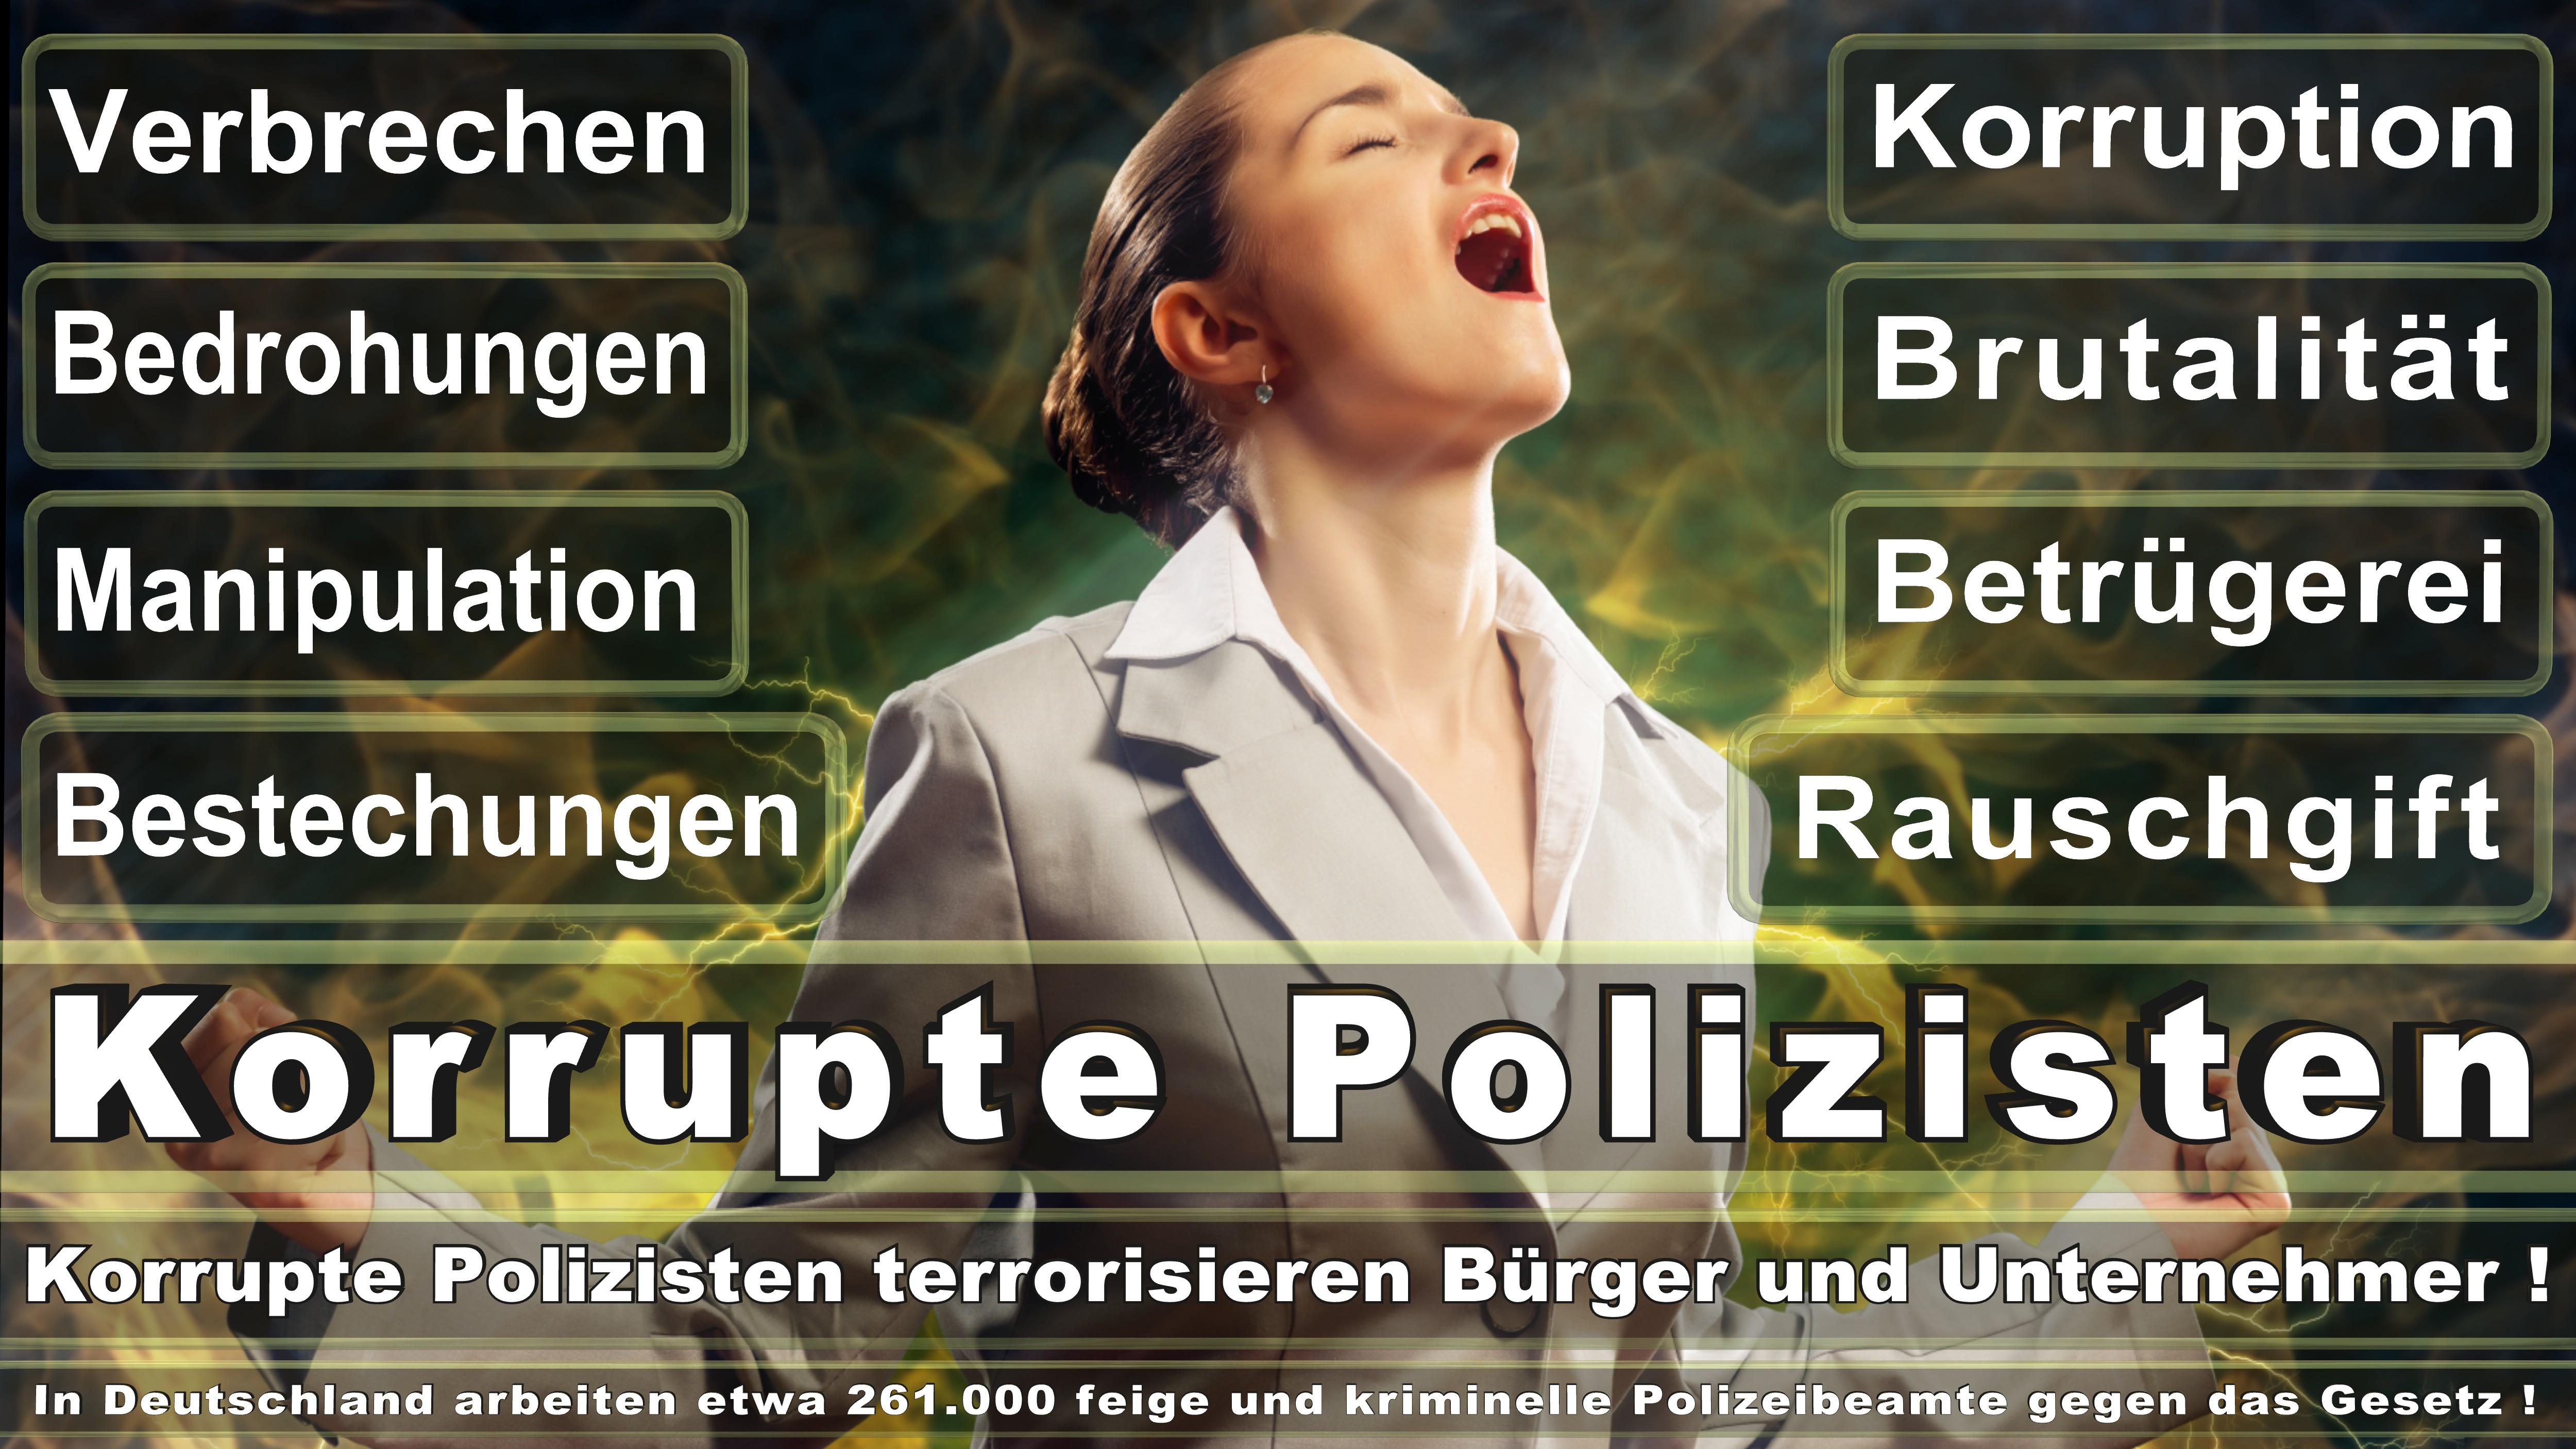 Polizei-Bielefeld (166) Polizeibehörde, Polizeieinsatz, Kreispolizeibehörde, Verkehrsunfall, Feuerwehr, Leistungsnachweis, Schumacher, Notruf,